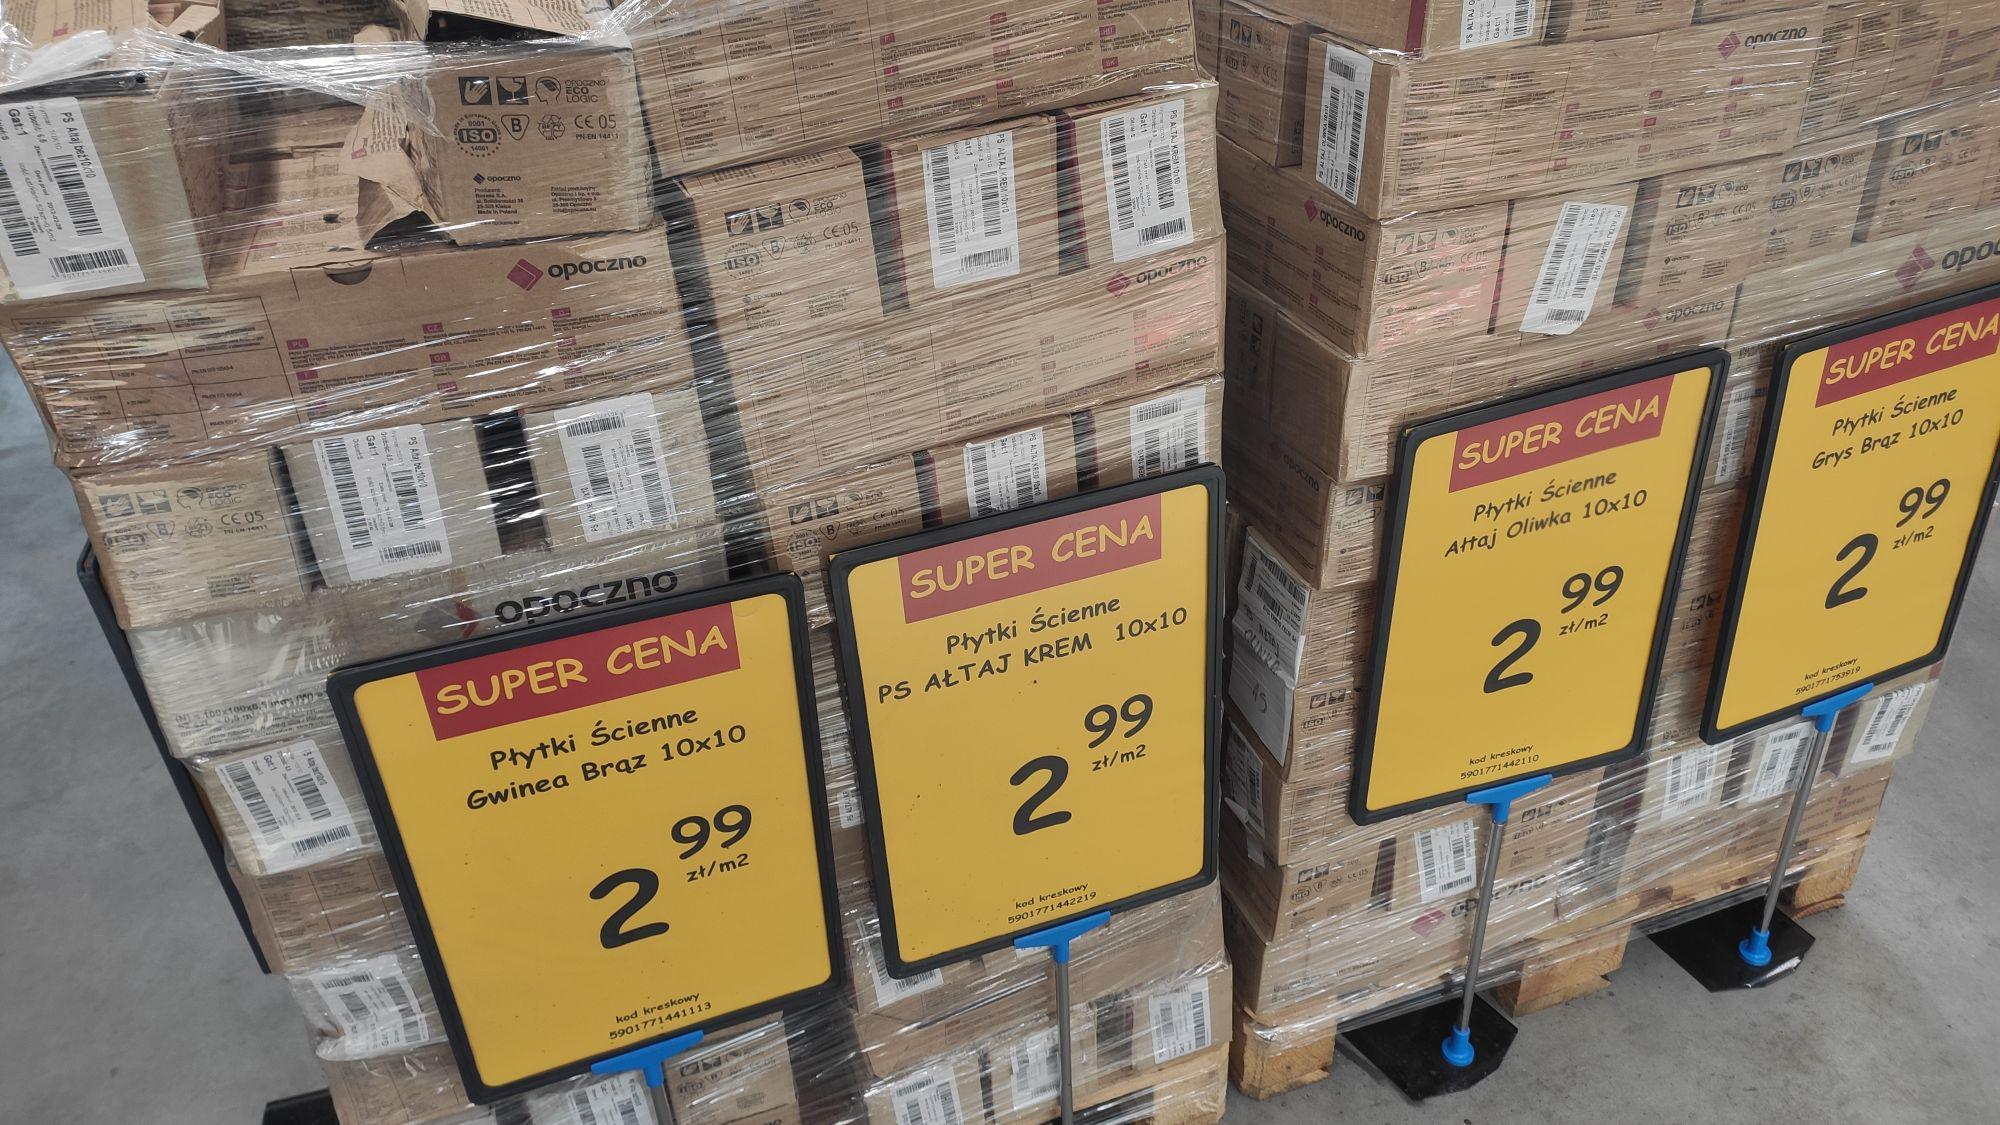 Płytki Opoczno 10x10cm cena za m2 ścienne kuchnia, różne rodzaje Koziegłowy